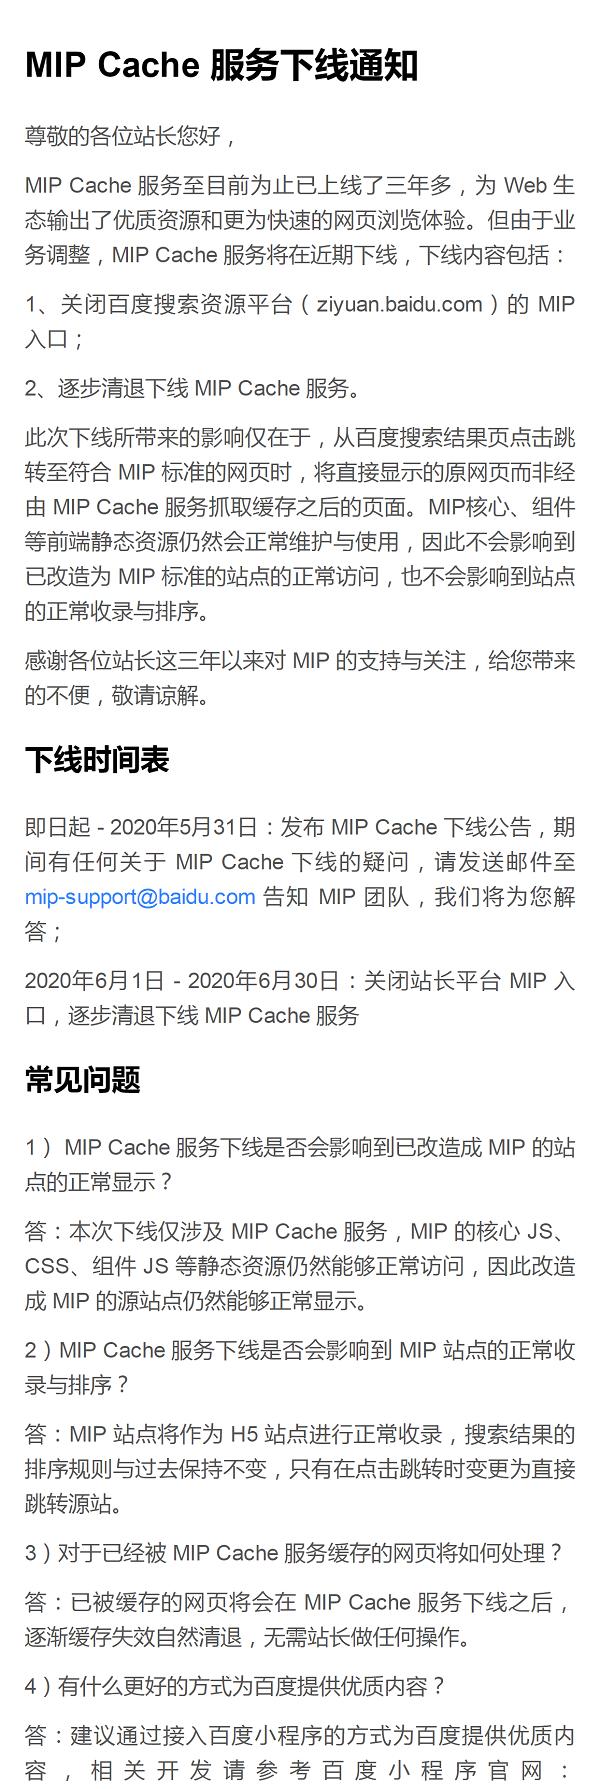 百度MIP功能正式下线,继熊掌号之后又黄一个项目